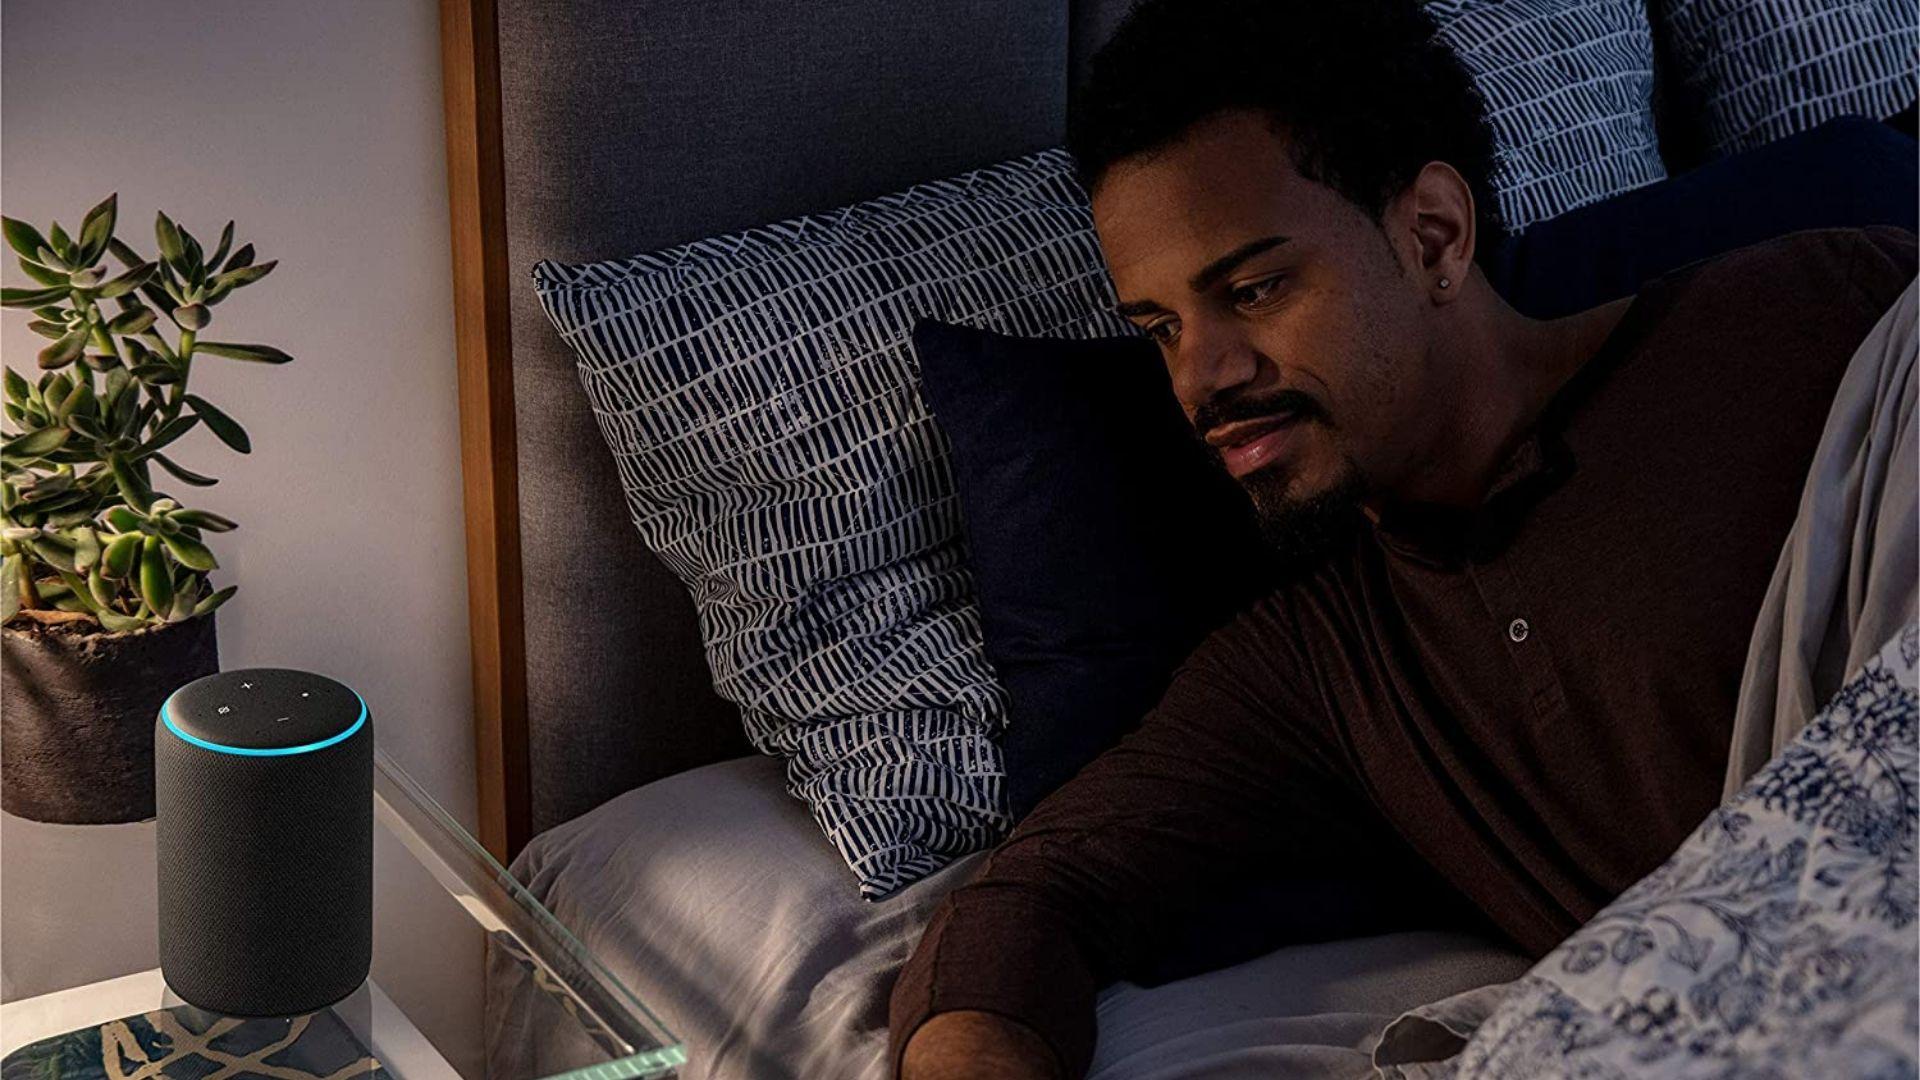 O Echo 3ª geração é capaz de acender as luzes da casa, assim que acordar. (Imagem: Divulgação/Amazon)